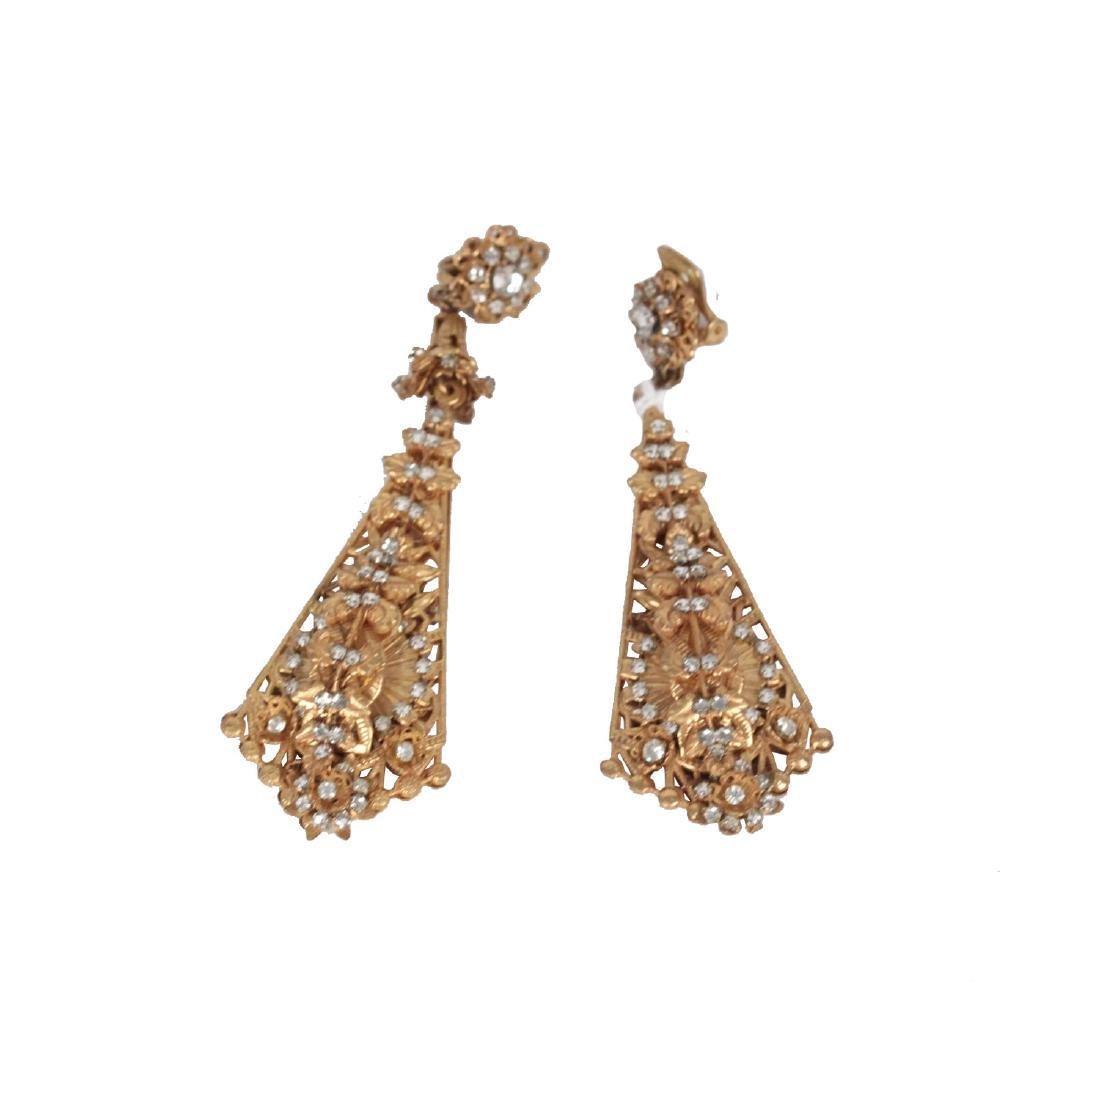 Demario Hagler Vintage Gold Metal & Crystals Earrings